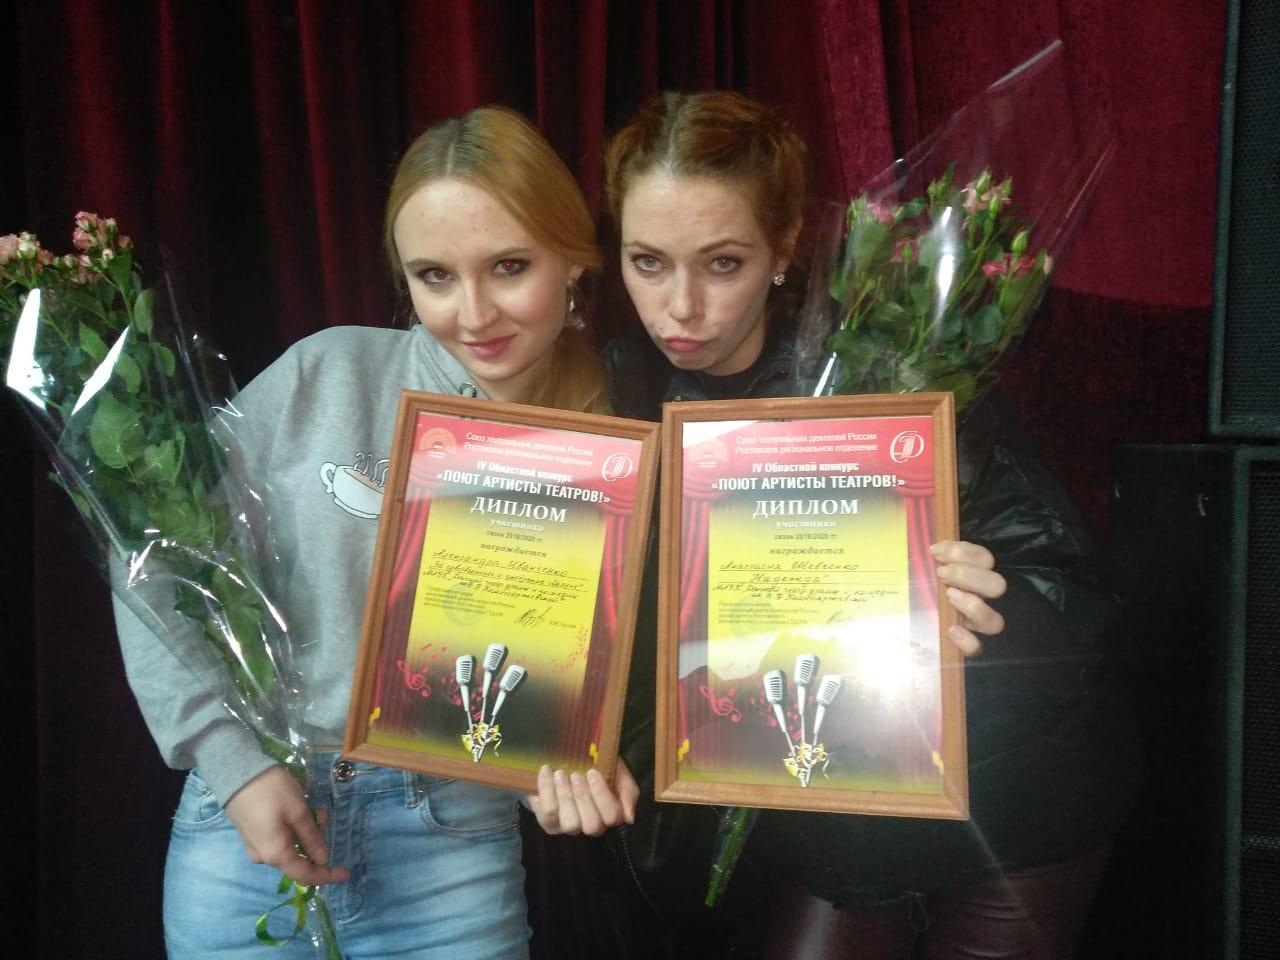 Артистки Александра Иванченко и Анастасия Шевченко поют лучше всех